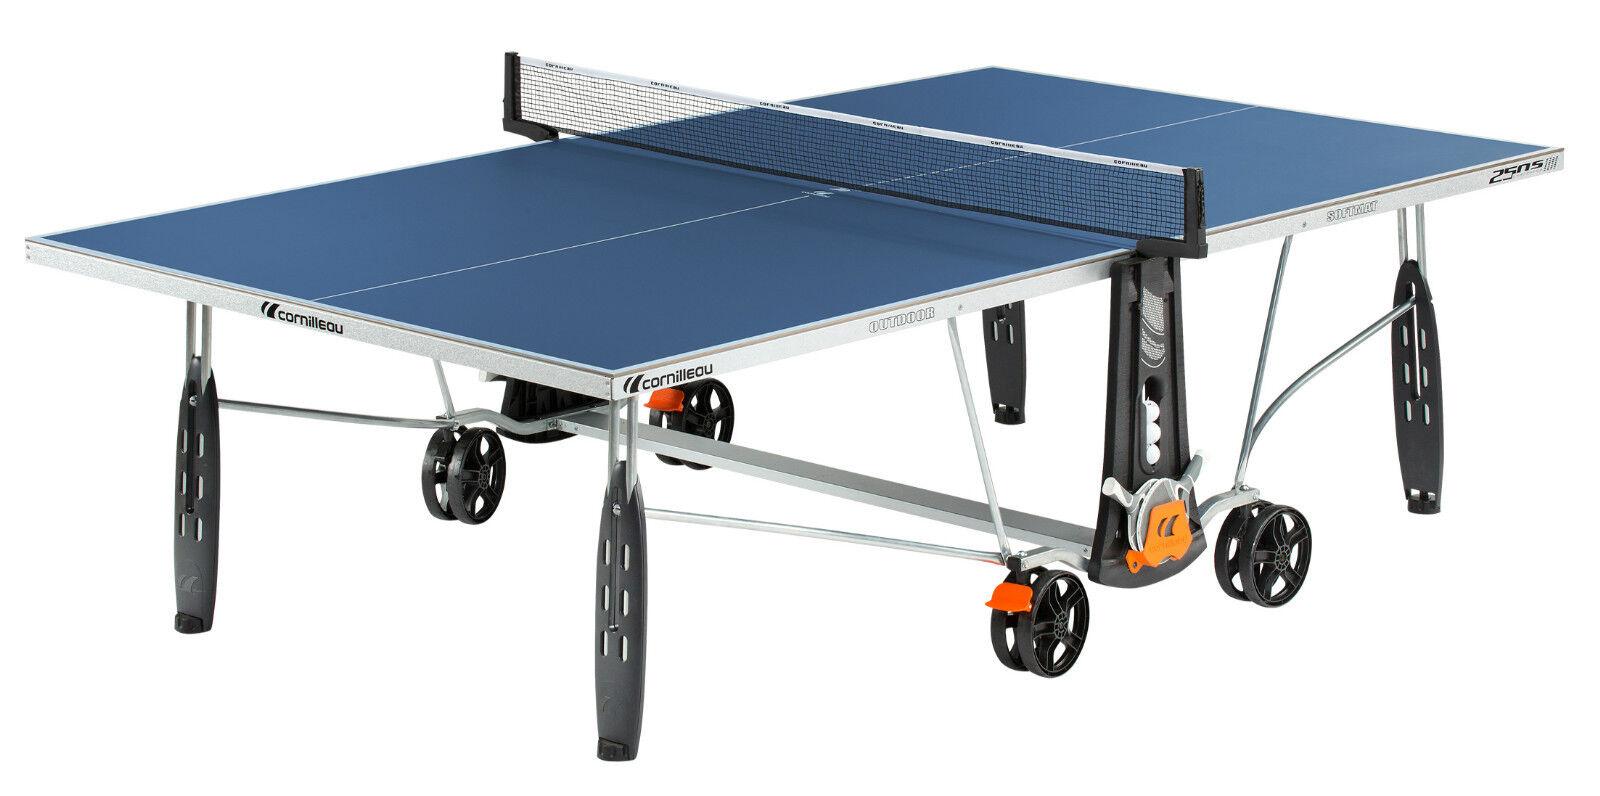 132655 CORNILLEAU Sport 250S Outdoor Weatherproof Table Tennis Table bluee